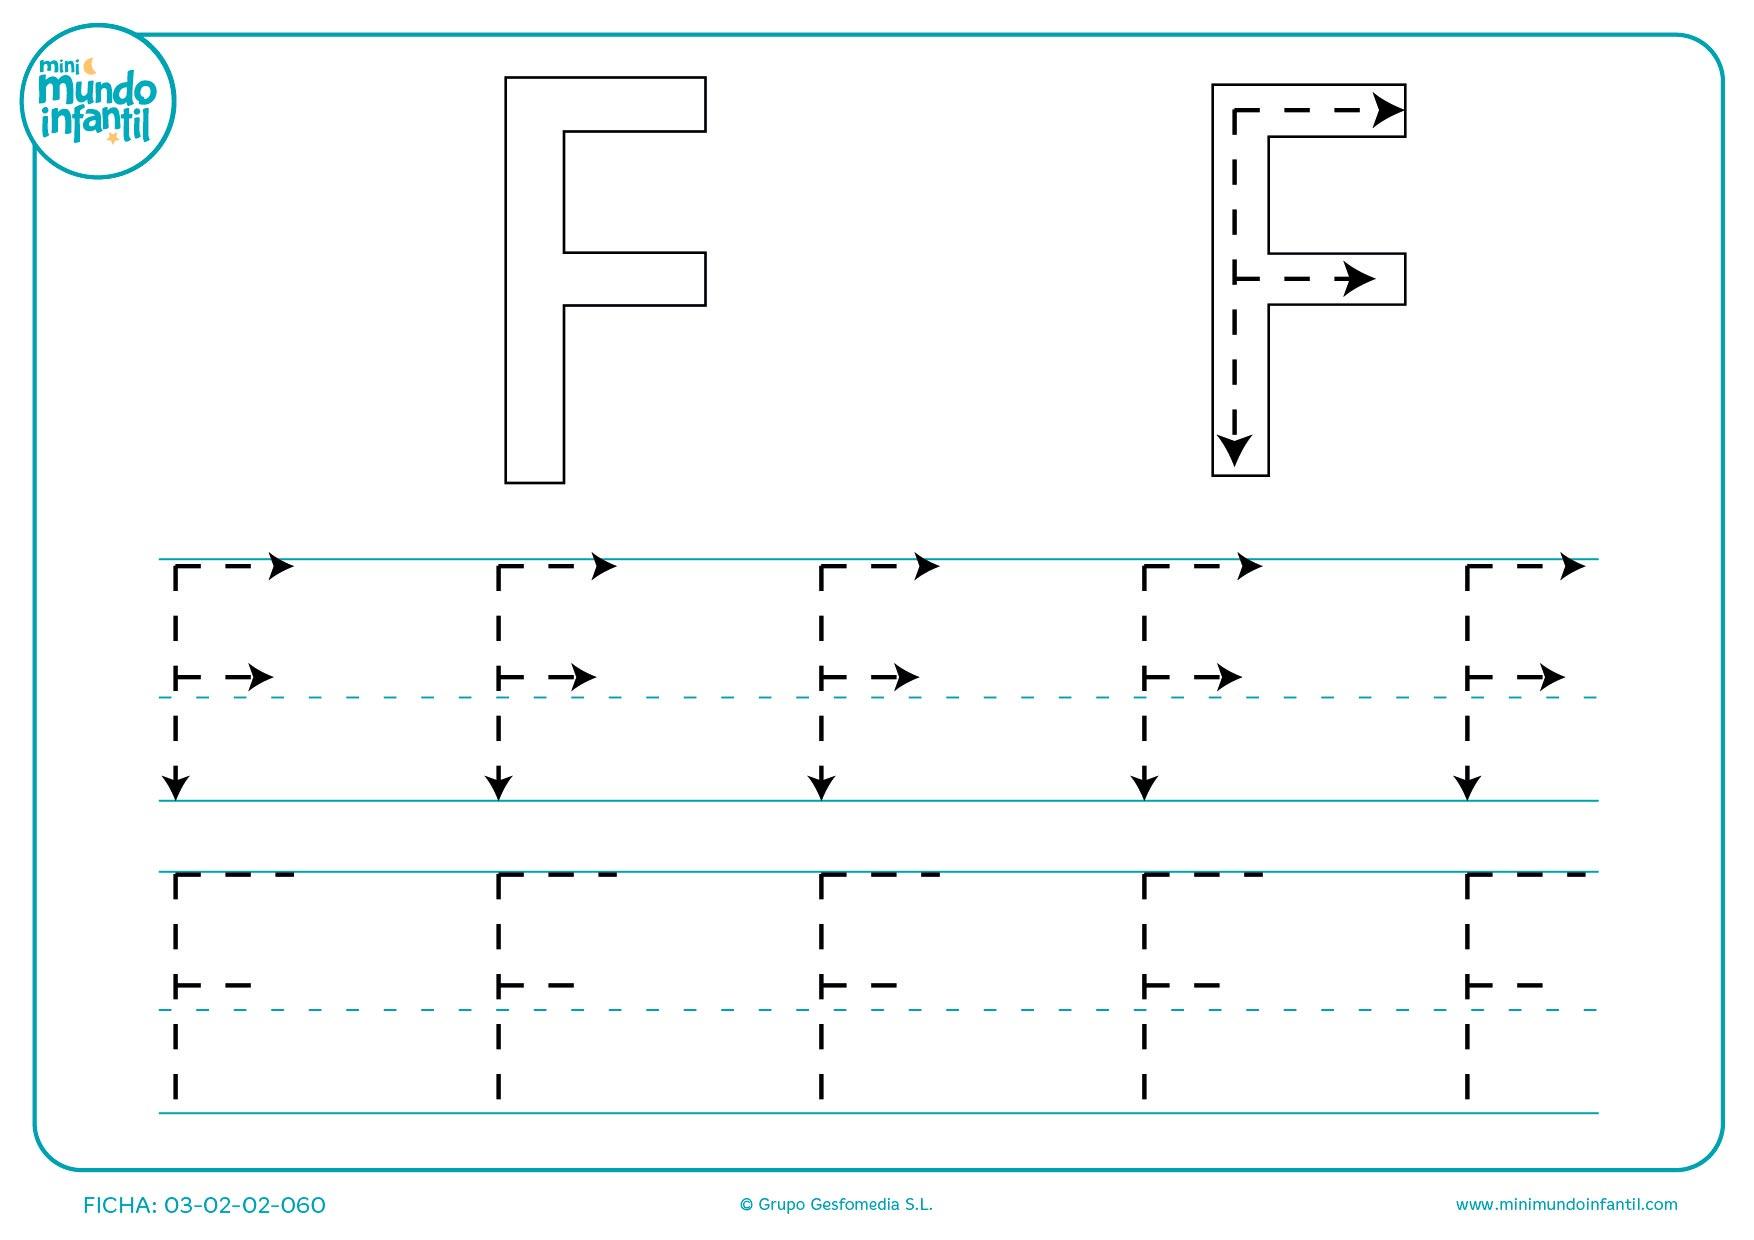 Seguir todos los trazados de la letra F para completar todas las letras